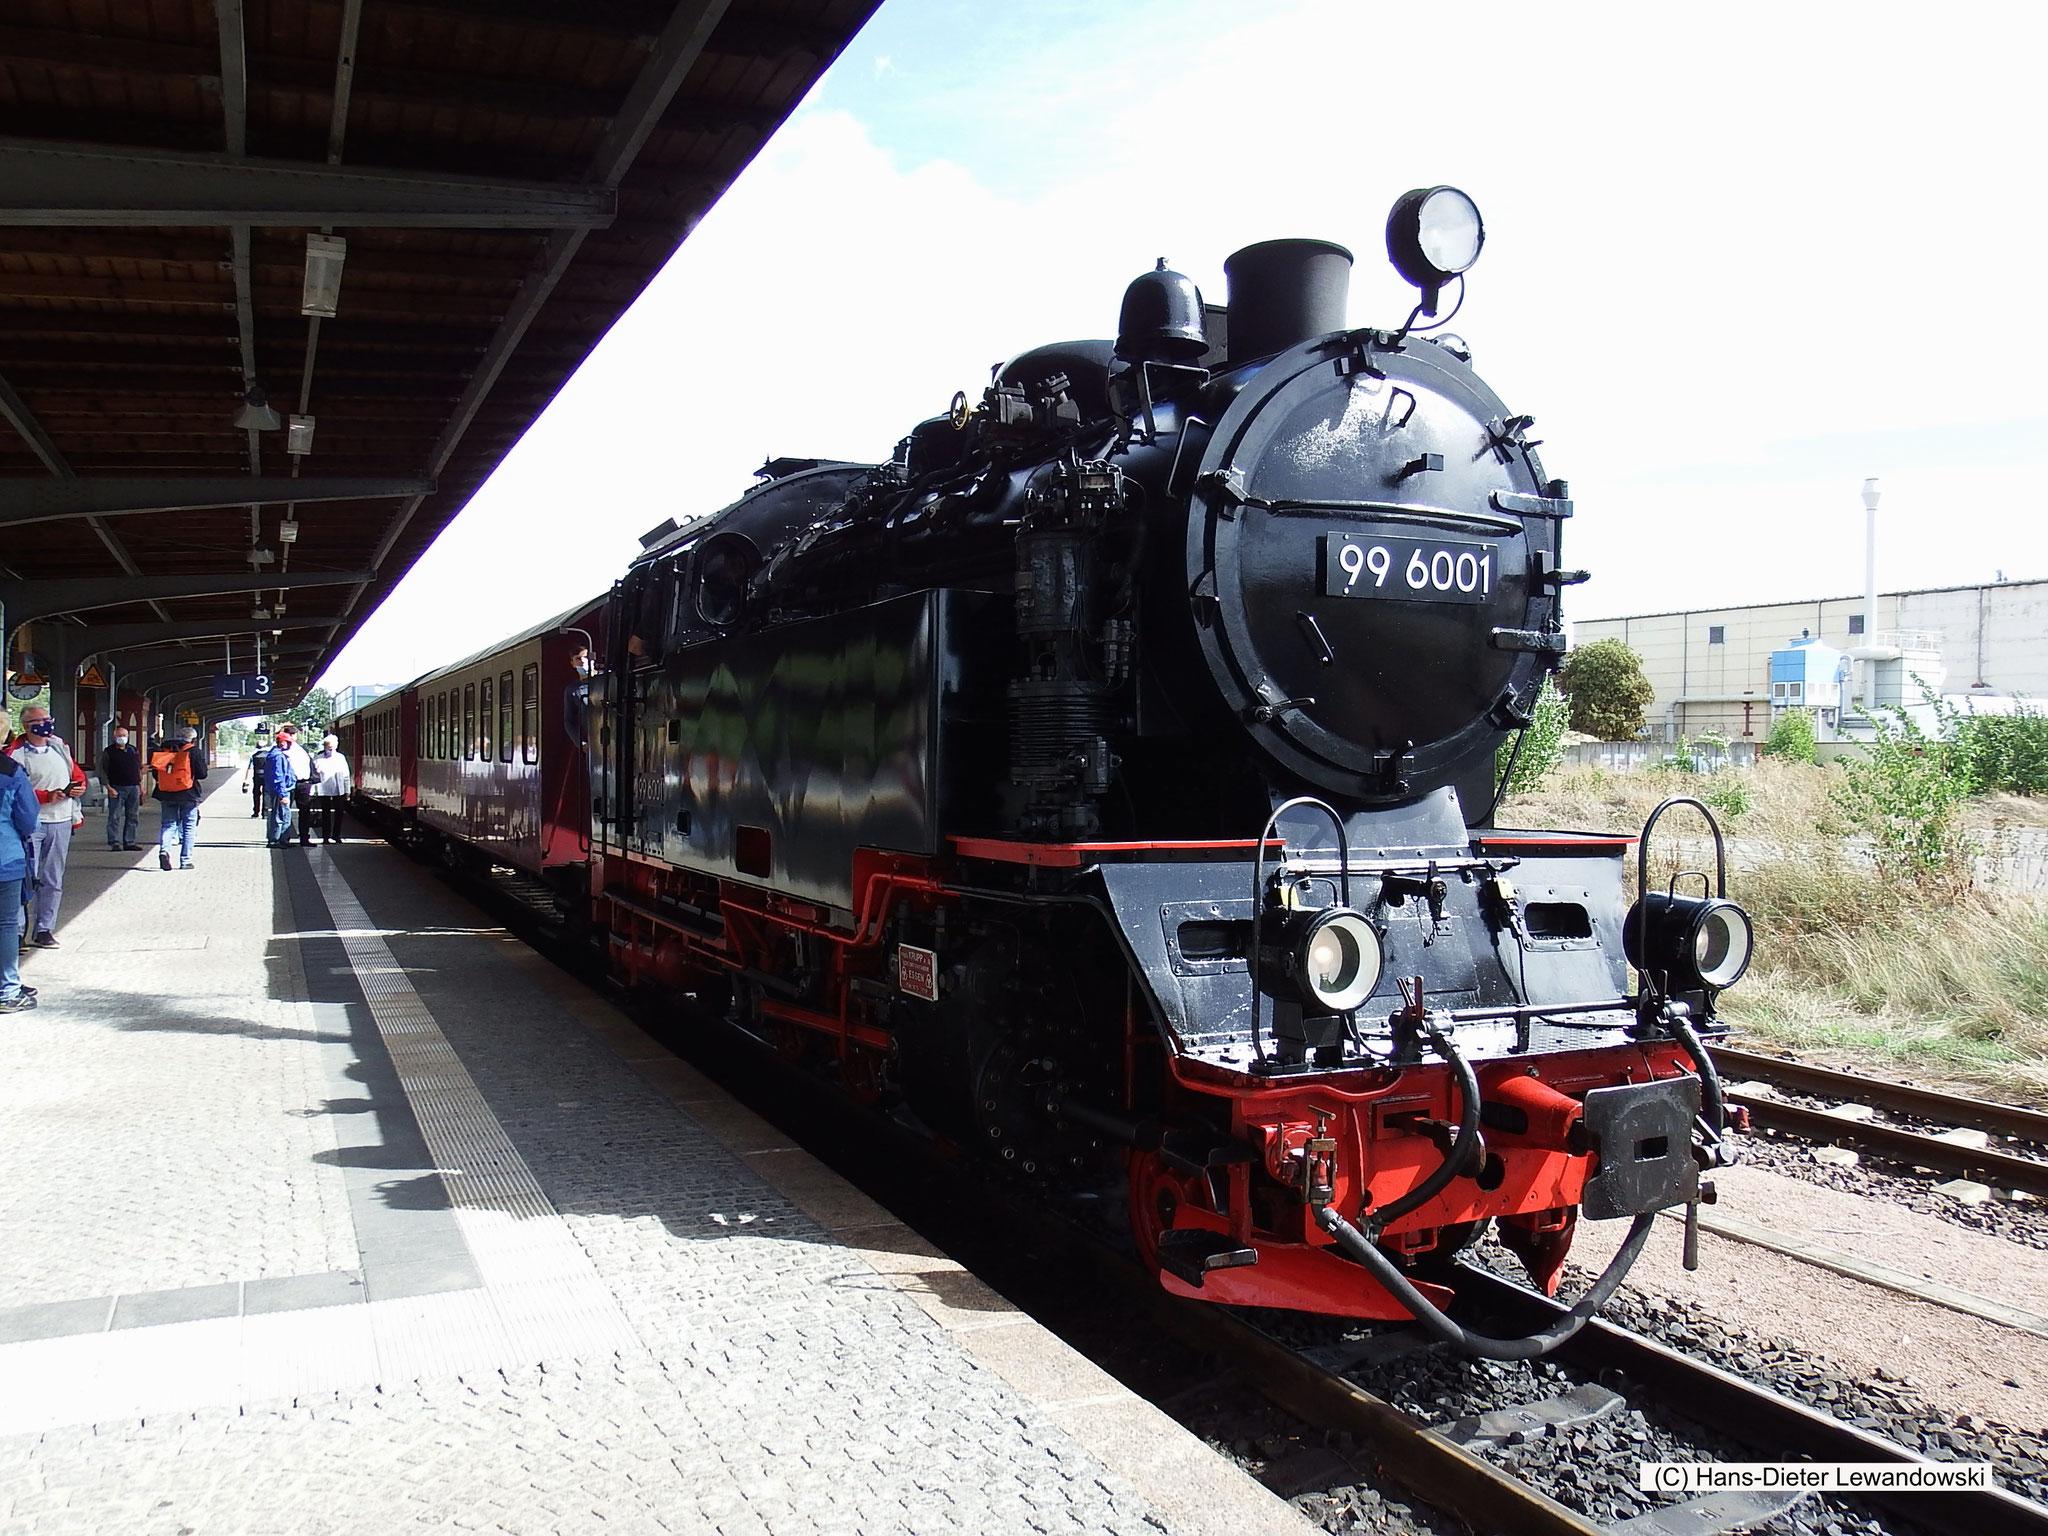 Bahnhof Quedlinburg